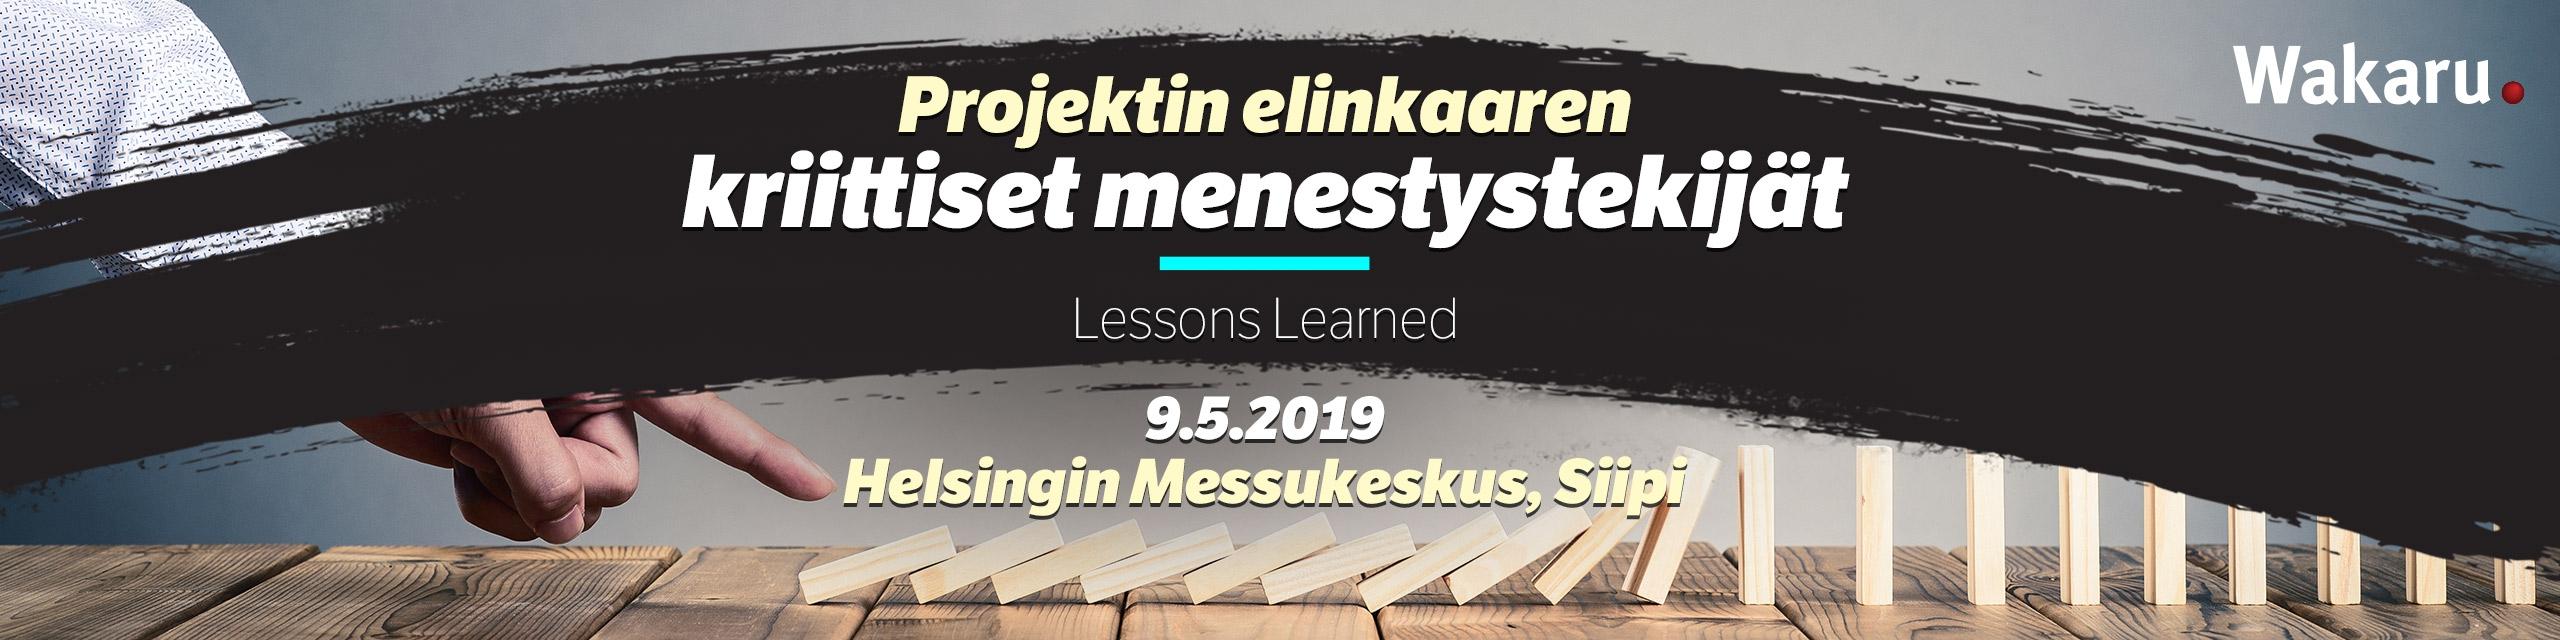 Projektin elinkaaren kriittiset menestystekijät - Lessons Learned